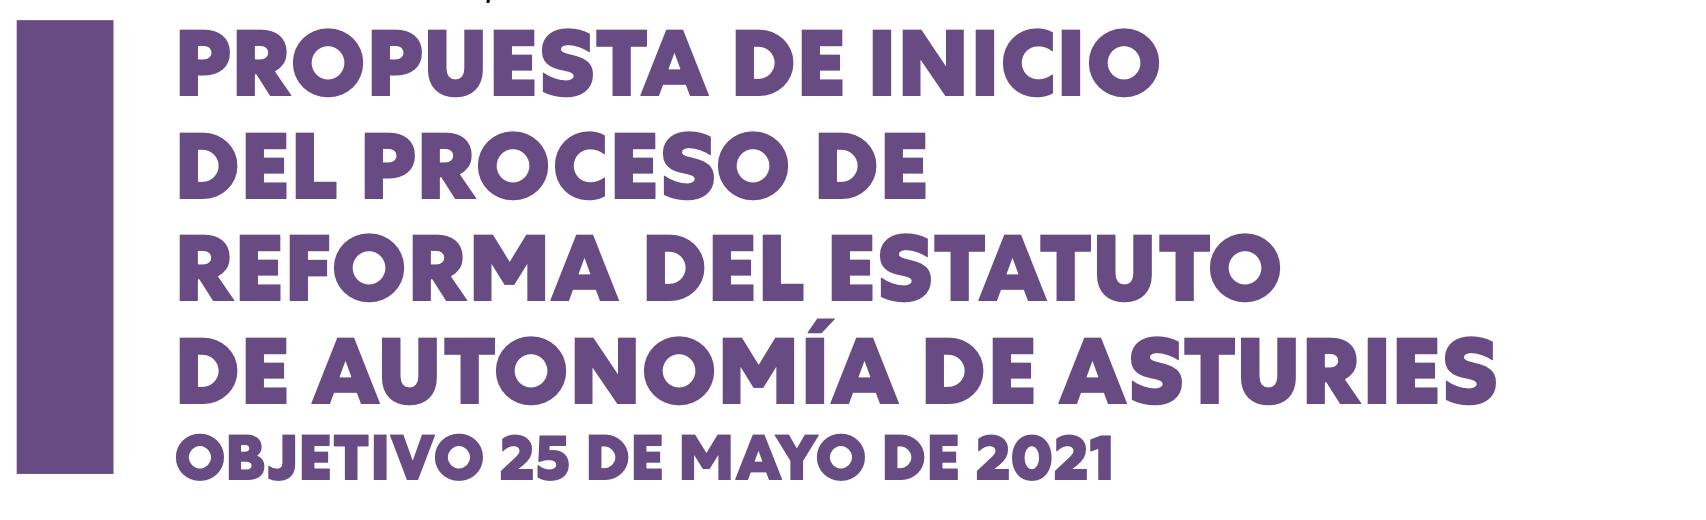 Propuesta de inicio del proceso de Reforma del Estatuto de Autonomía de Asturies